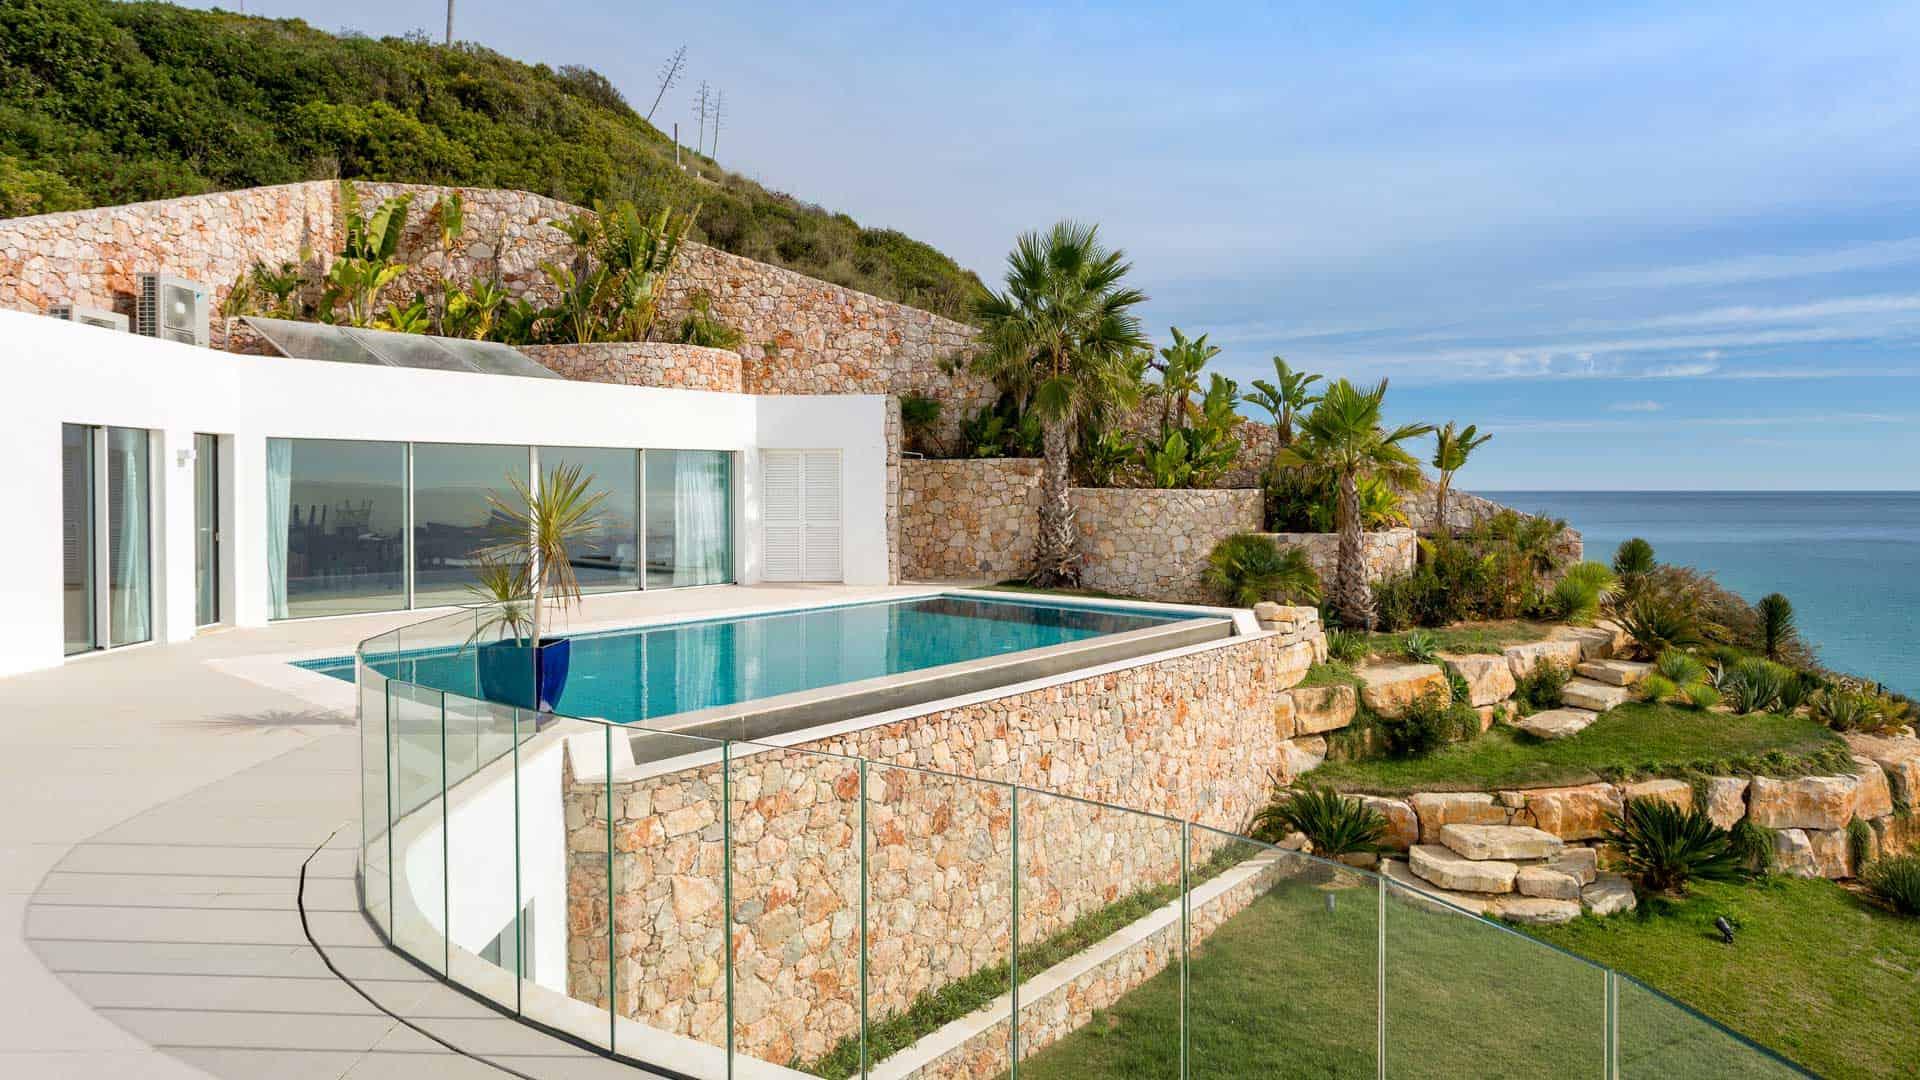 location villa de luxe algarve portugal